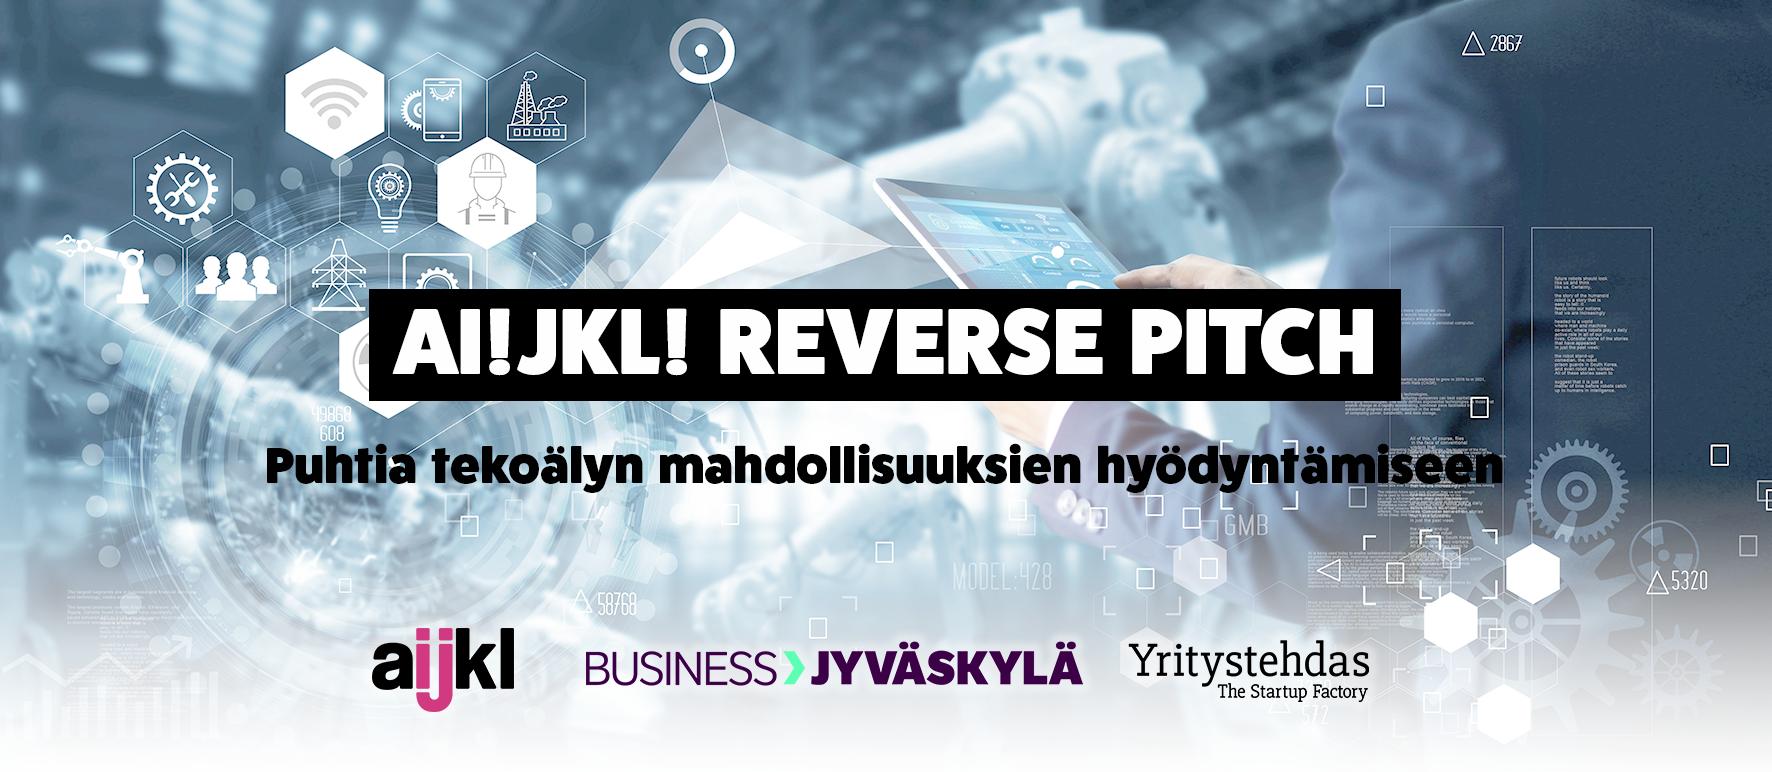 AI! JKL! Reverse Pitch – Puhtia tekoälyn mahdollisuuksien hyödyntämiseen